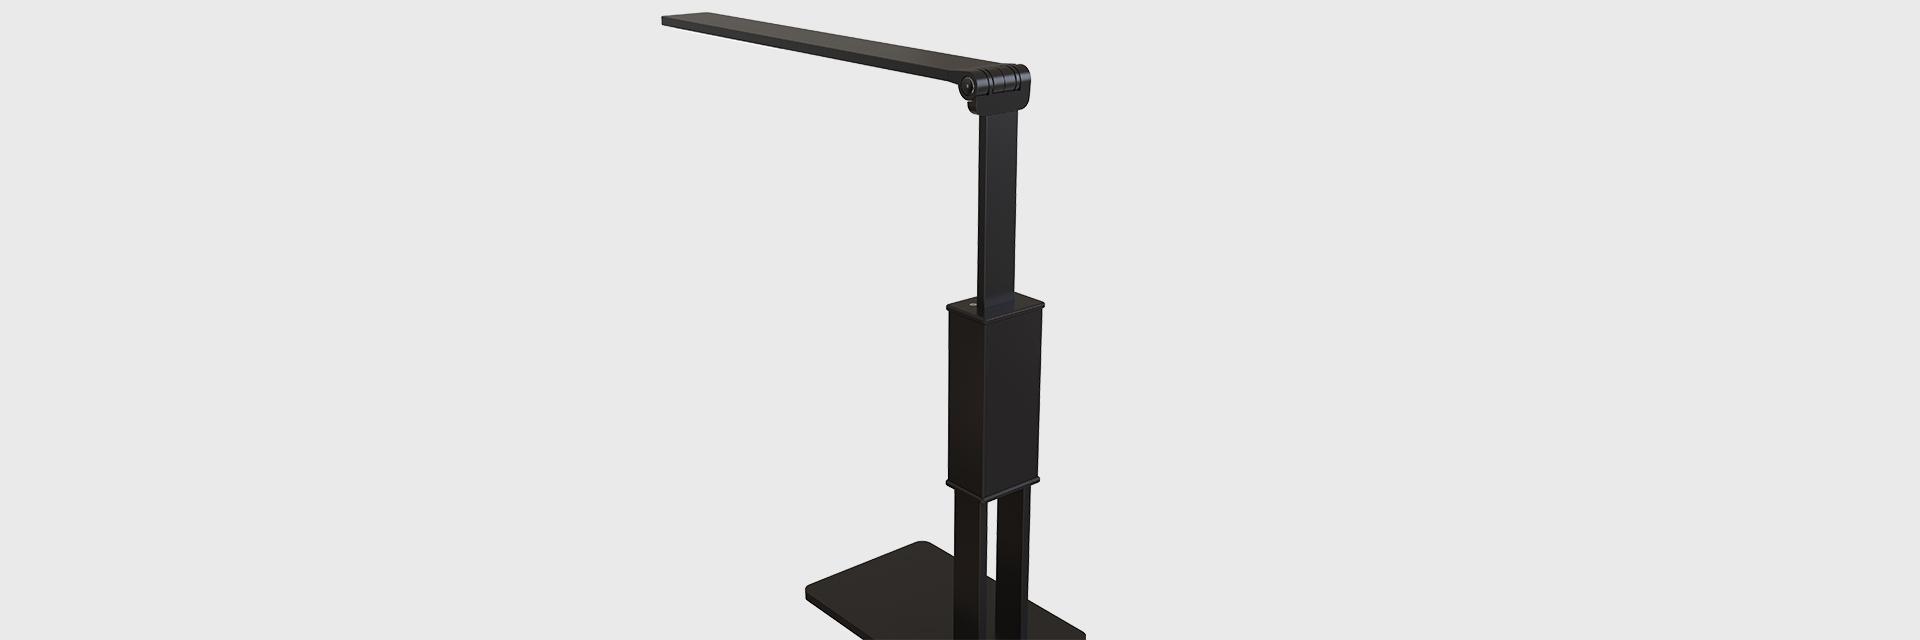 Table Lamp Giant Led Task Lights Series Zentem